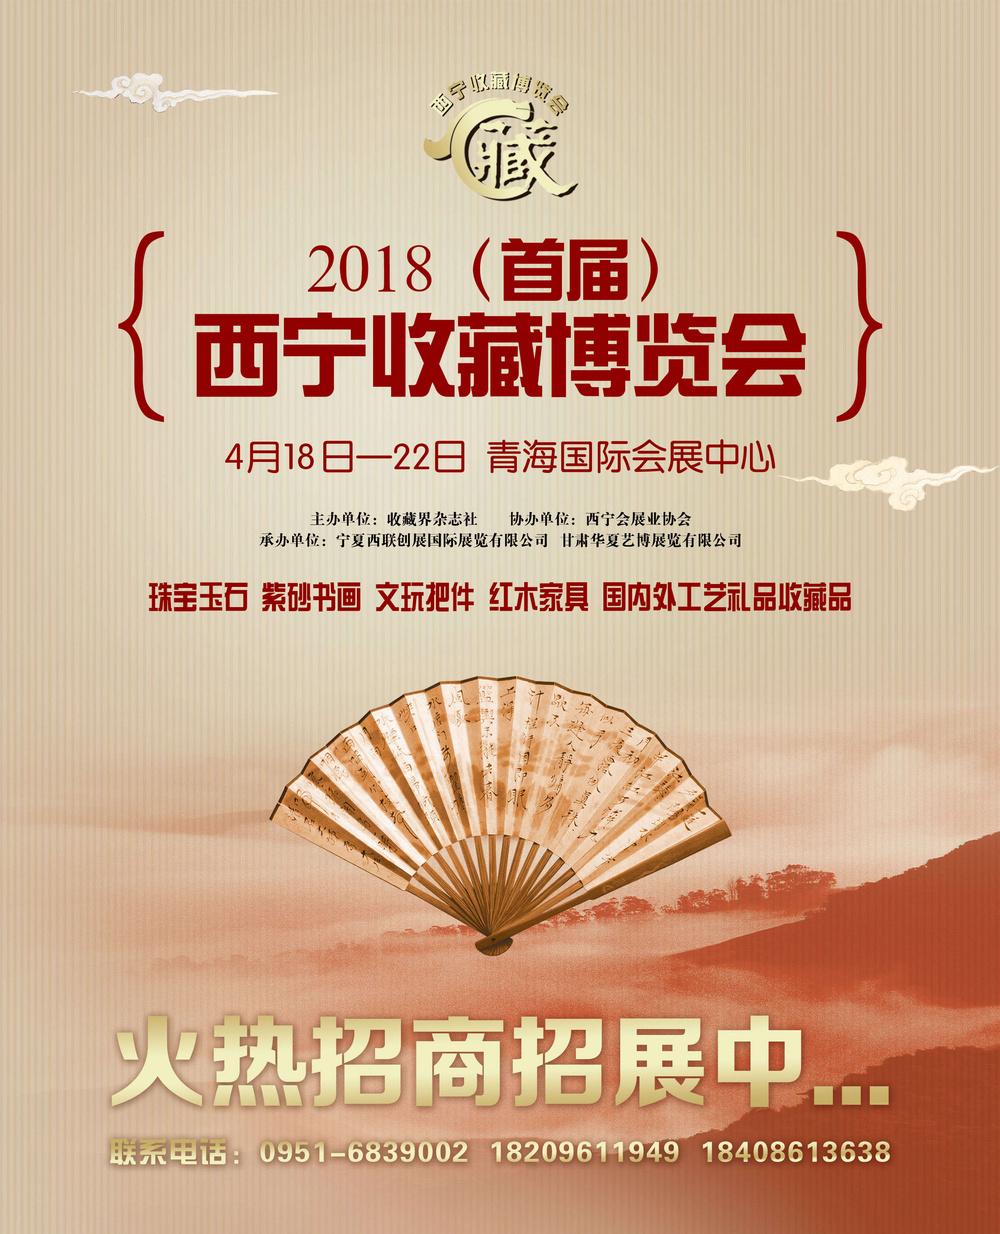 2018中国183西宁收藏博览会